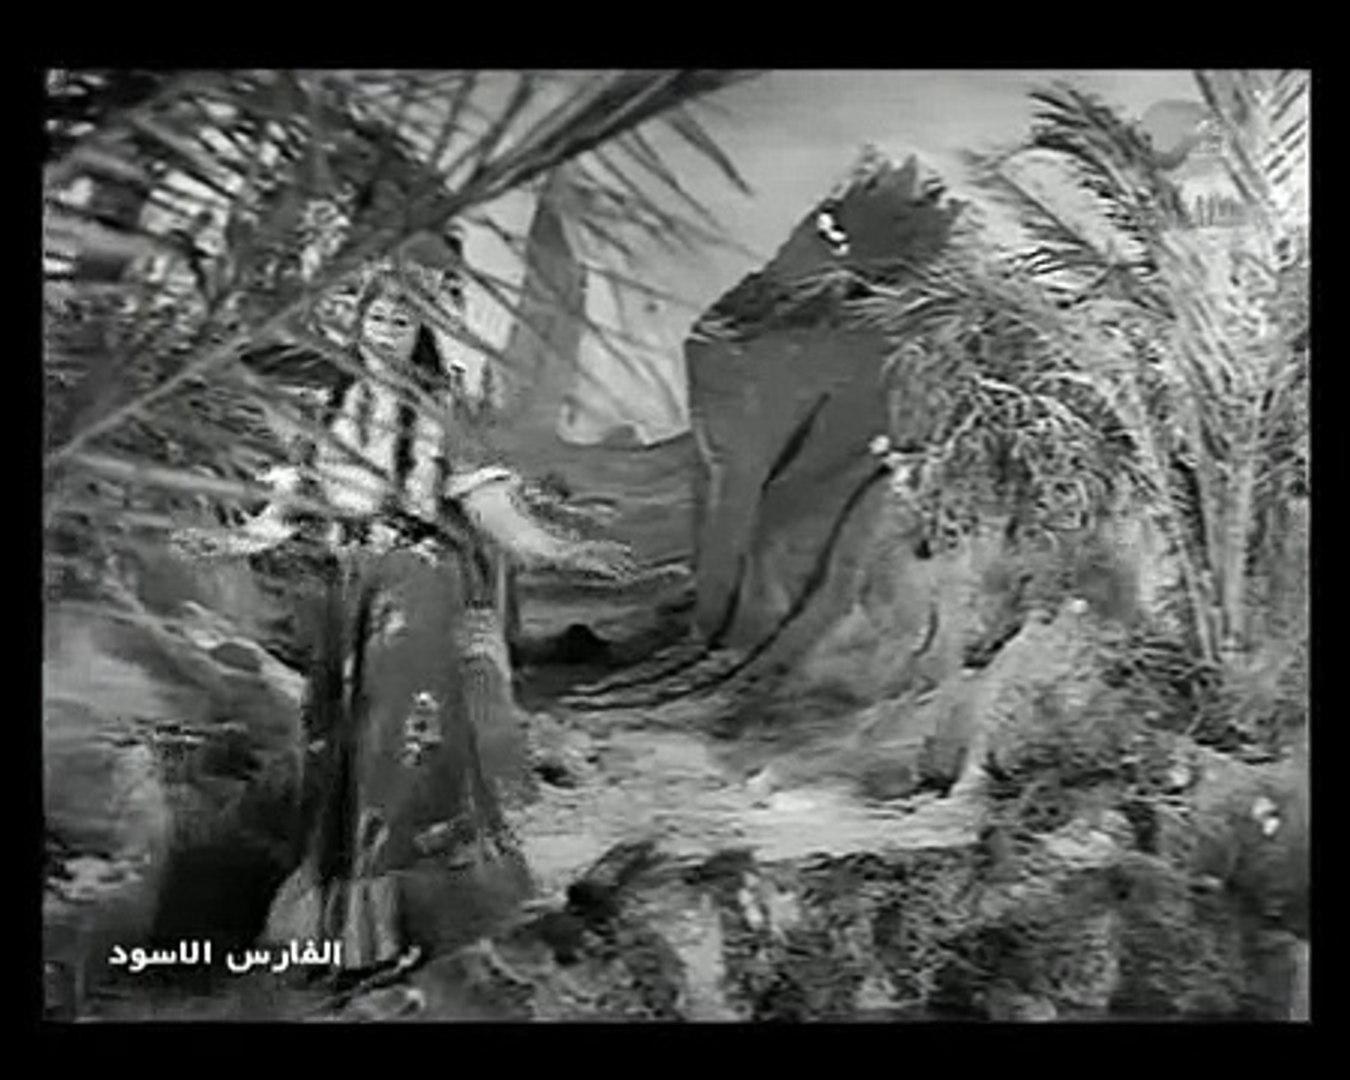 فيلم الفارس الاسود كامل   فيلم الفارس الاسود   فريد شوقى   كوكا